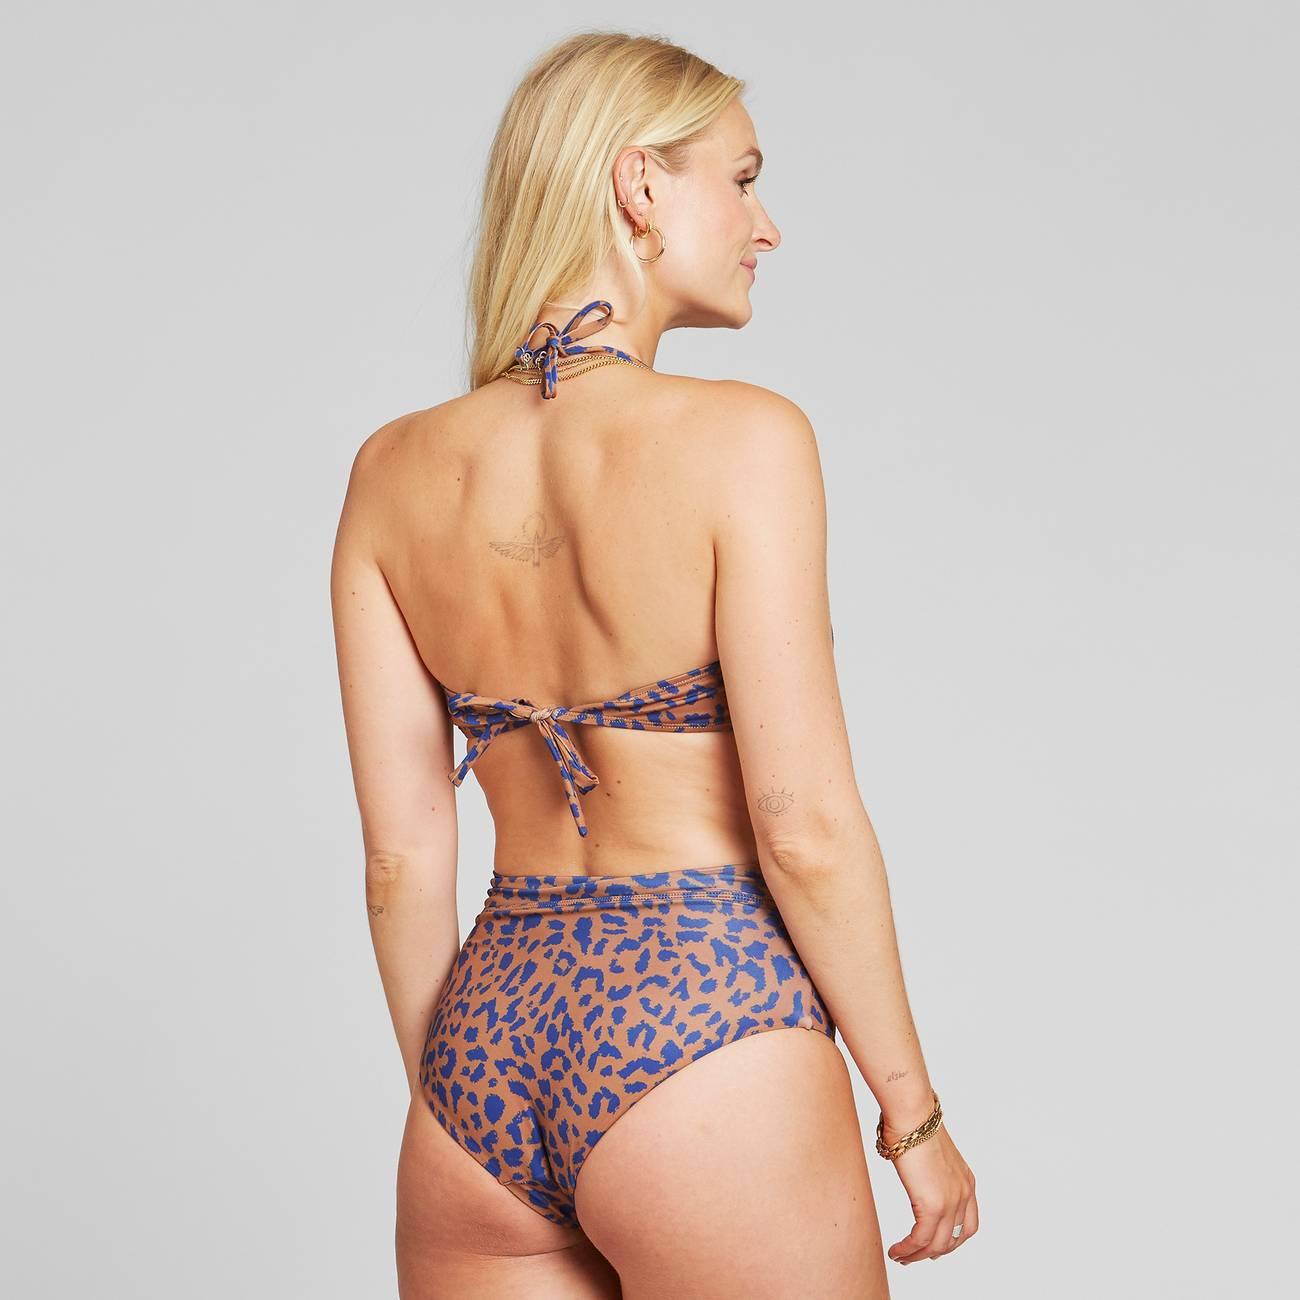 Bikini Top Kovik Leopard Light Brown